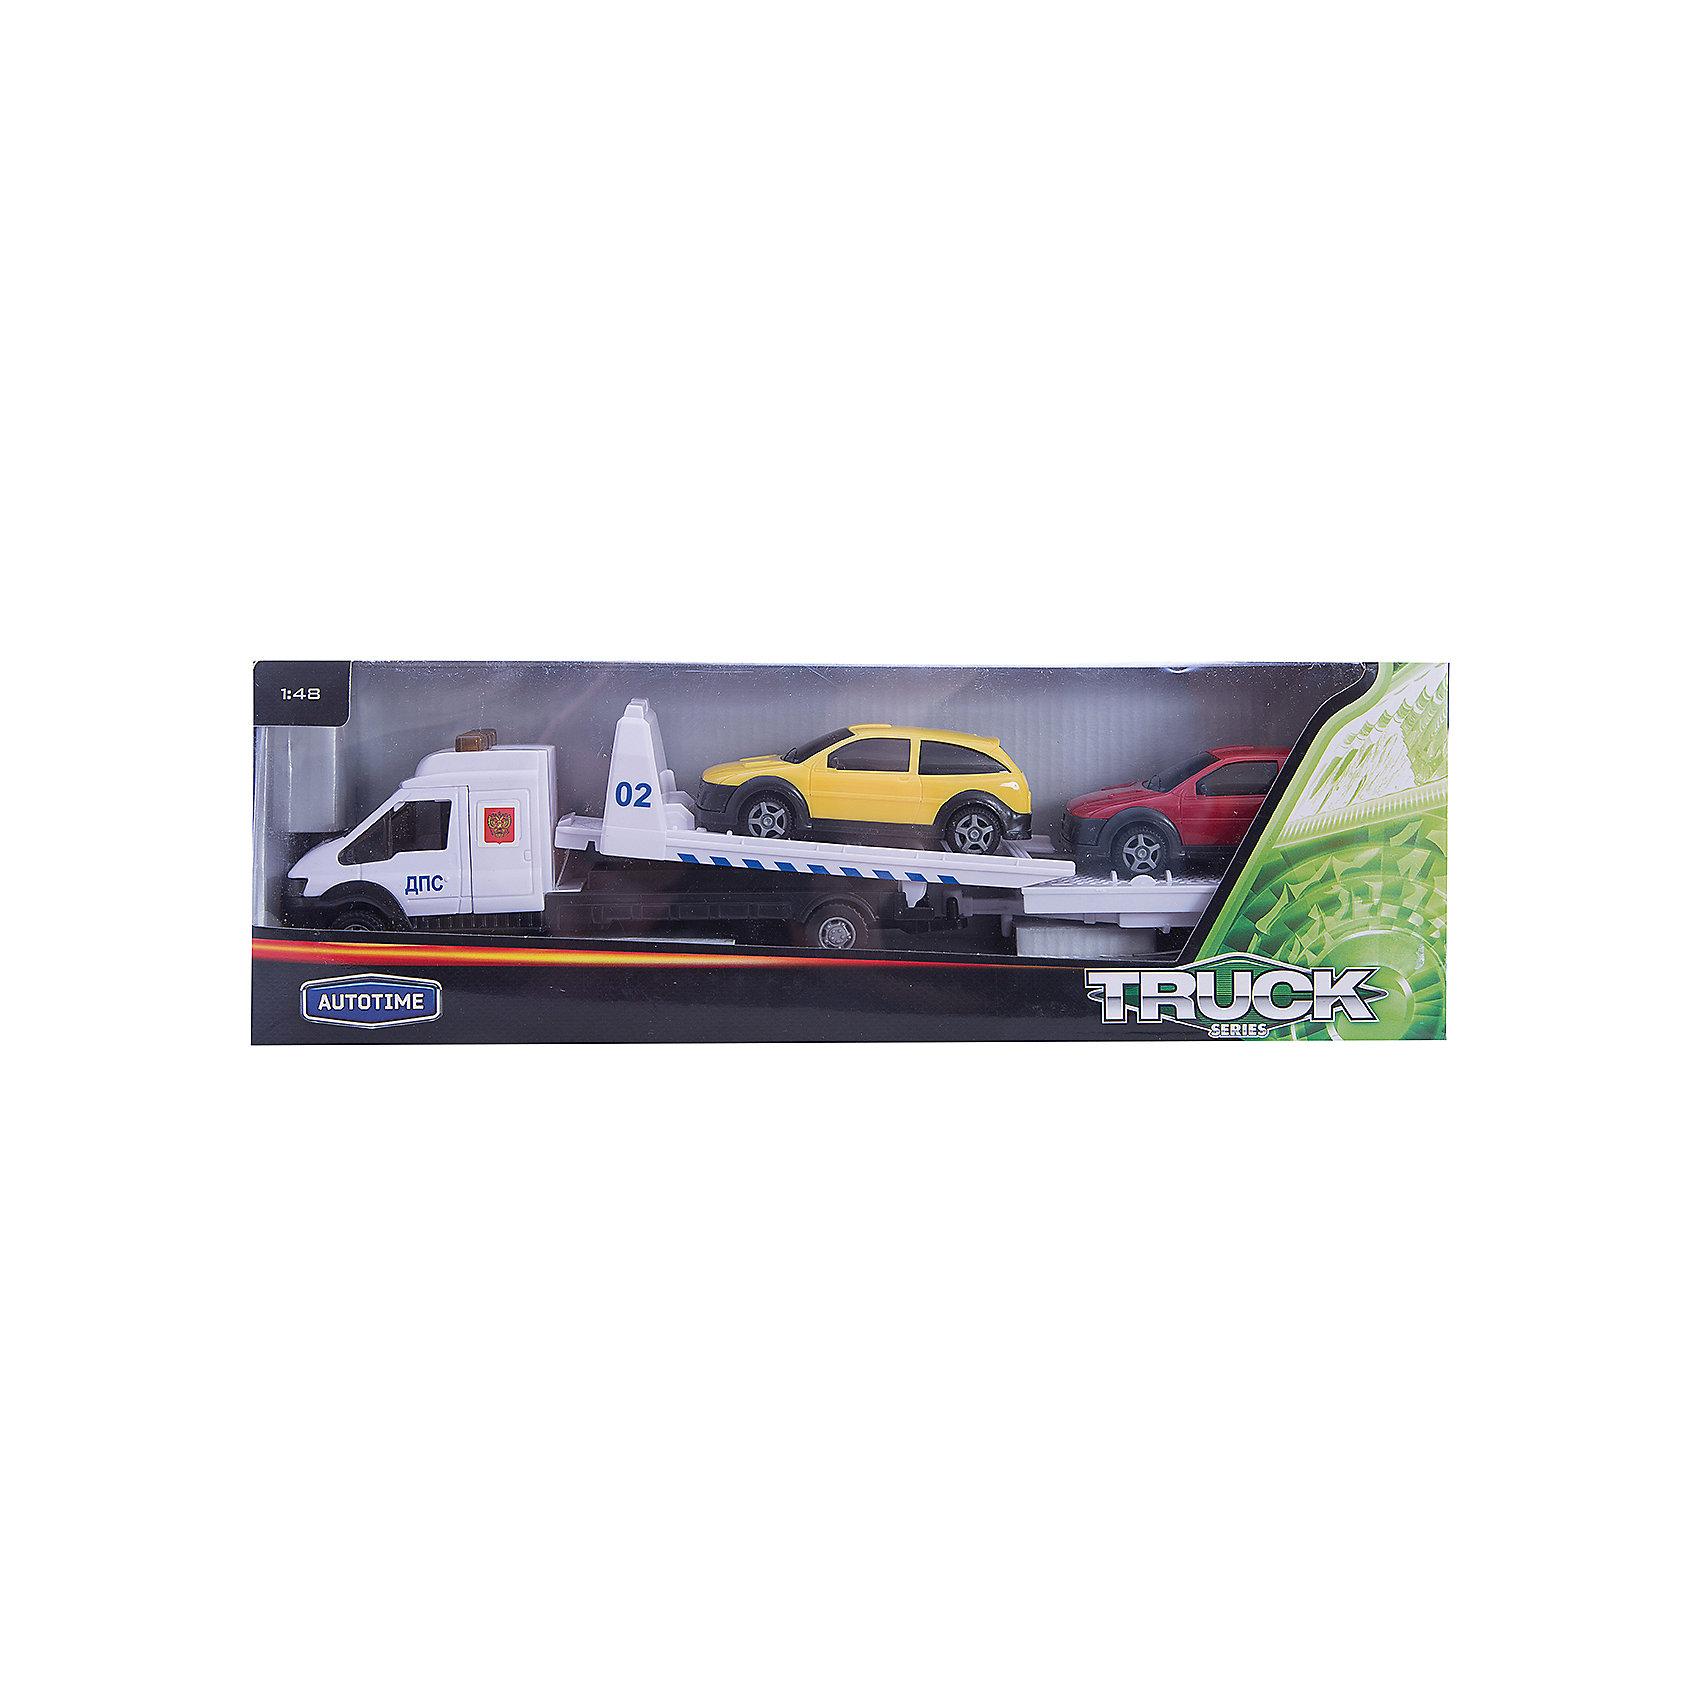 Машинка Recovery Truck Long эвакуатор с прицепом полиция 1:48, AutotimeМашинки<br>Характеристики товара:<br><br>• цвет: красный, белый, желтый<br>• возраст: от 3 лет<br>• материал: металл, пластик<br>• масштаб: 1:48<br>• комплектация: эвакуатор, 2 машинки, прицеп<br>• колеса вращаются<br>• размер упаковки: 25х6х11 см<br>• вес с упаковкой: 300 г<br>• страна бренда: Россия, Китай<br>• страна изготовитель: Китай<br><br>Такая машинка представляет собой миниатюрную копию машины с эвакуатором и набором из двух машинок и прицепа. Она отличается высокой детализацией, является коллекционной моделью. <br><br>Сделана машинка из прочного и безопасного материала. Корпус - из металла и пластика. <br><br>Машинку «Recovery Truck Long эвакуатор с прицепом полиция 1:48», Autotime (Автотайм) можно купить в нашем интернет-магазине.<br><br>Ширина мм: 362<br>Глубина мм: 114<br>Высота мм: 146<br>Вес г: 15<br>Возраст от месяцев: 36<br>Возраст до месяцев: 2147483647<br>Пол: Мужской<br>Возраст: Детский<br>SKU: 5584147